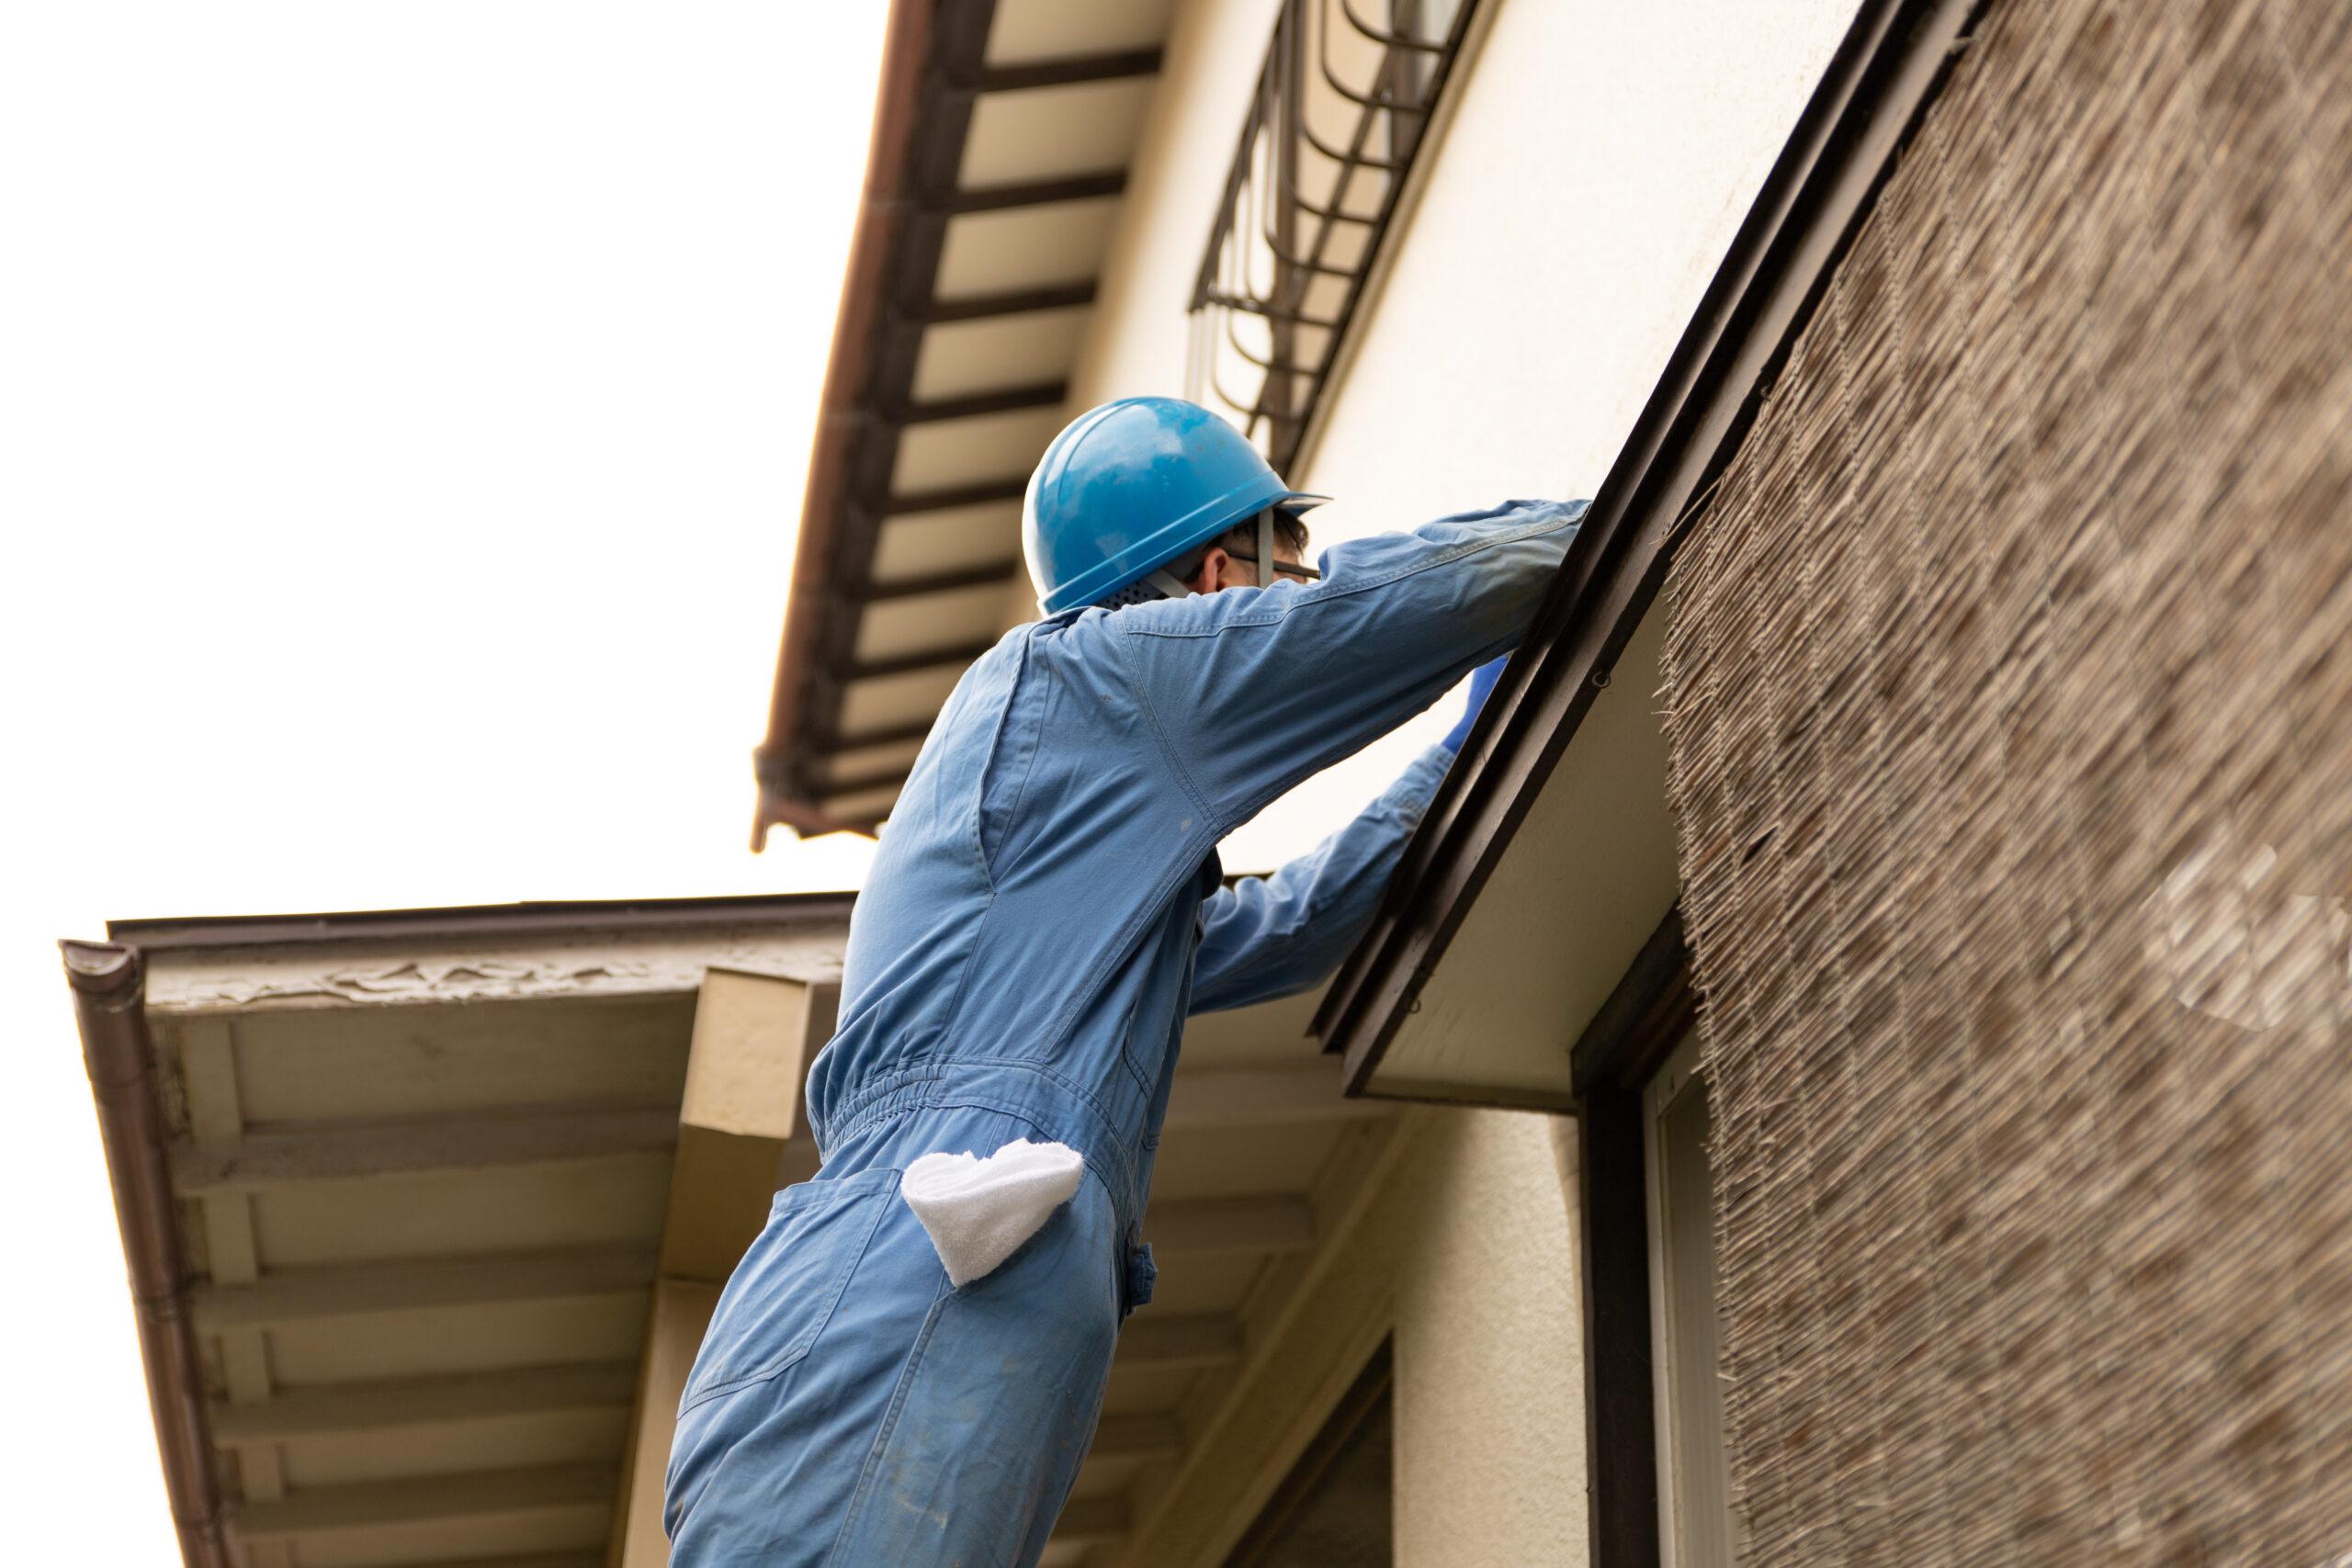 戸建て住宅外壁の点検と害鳥駆除